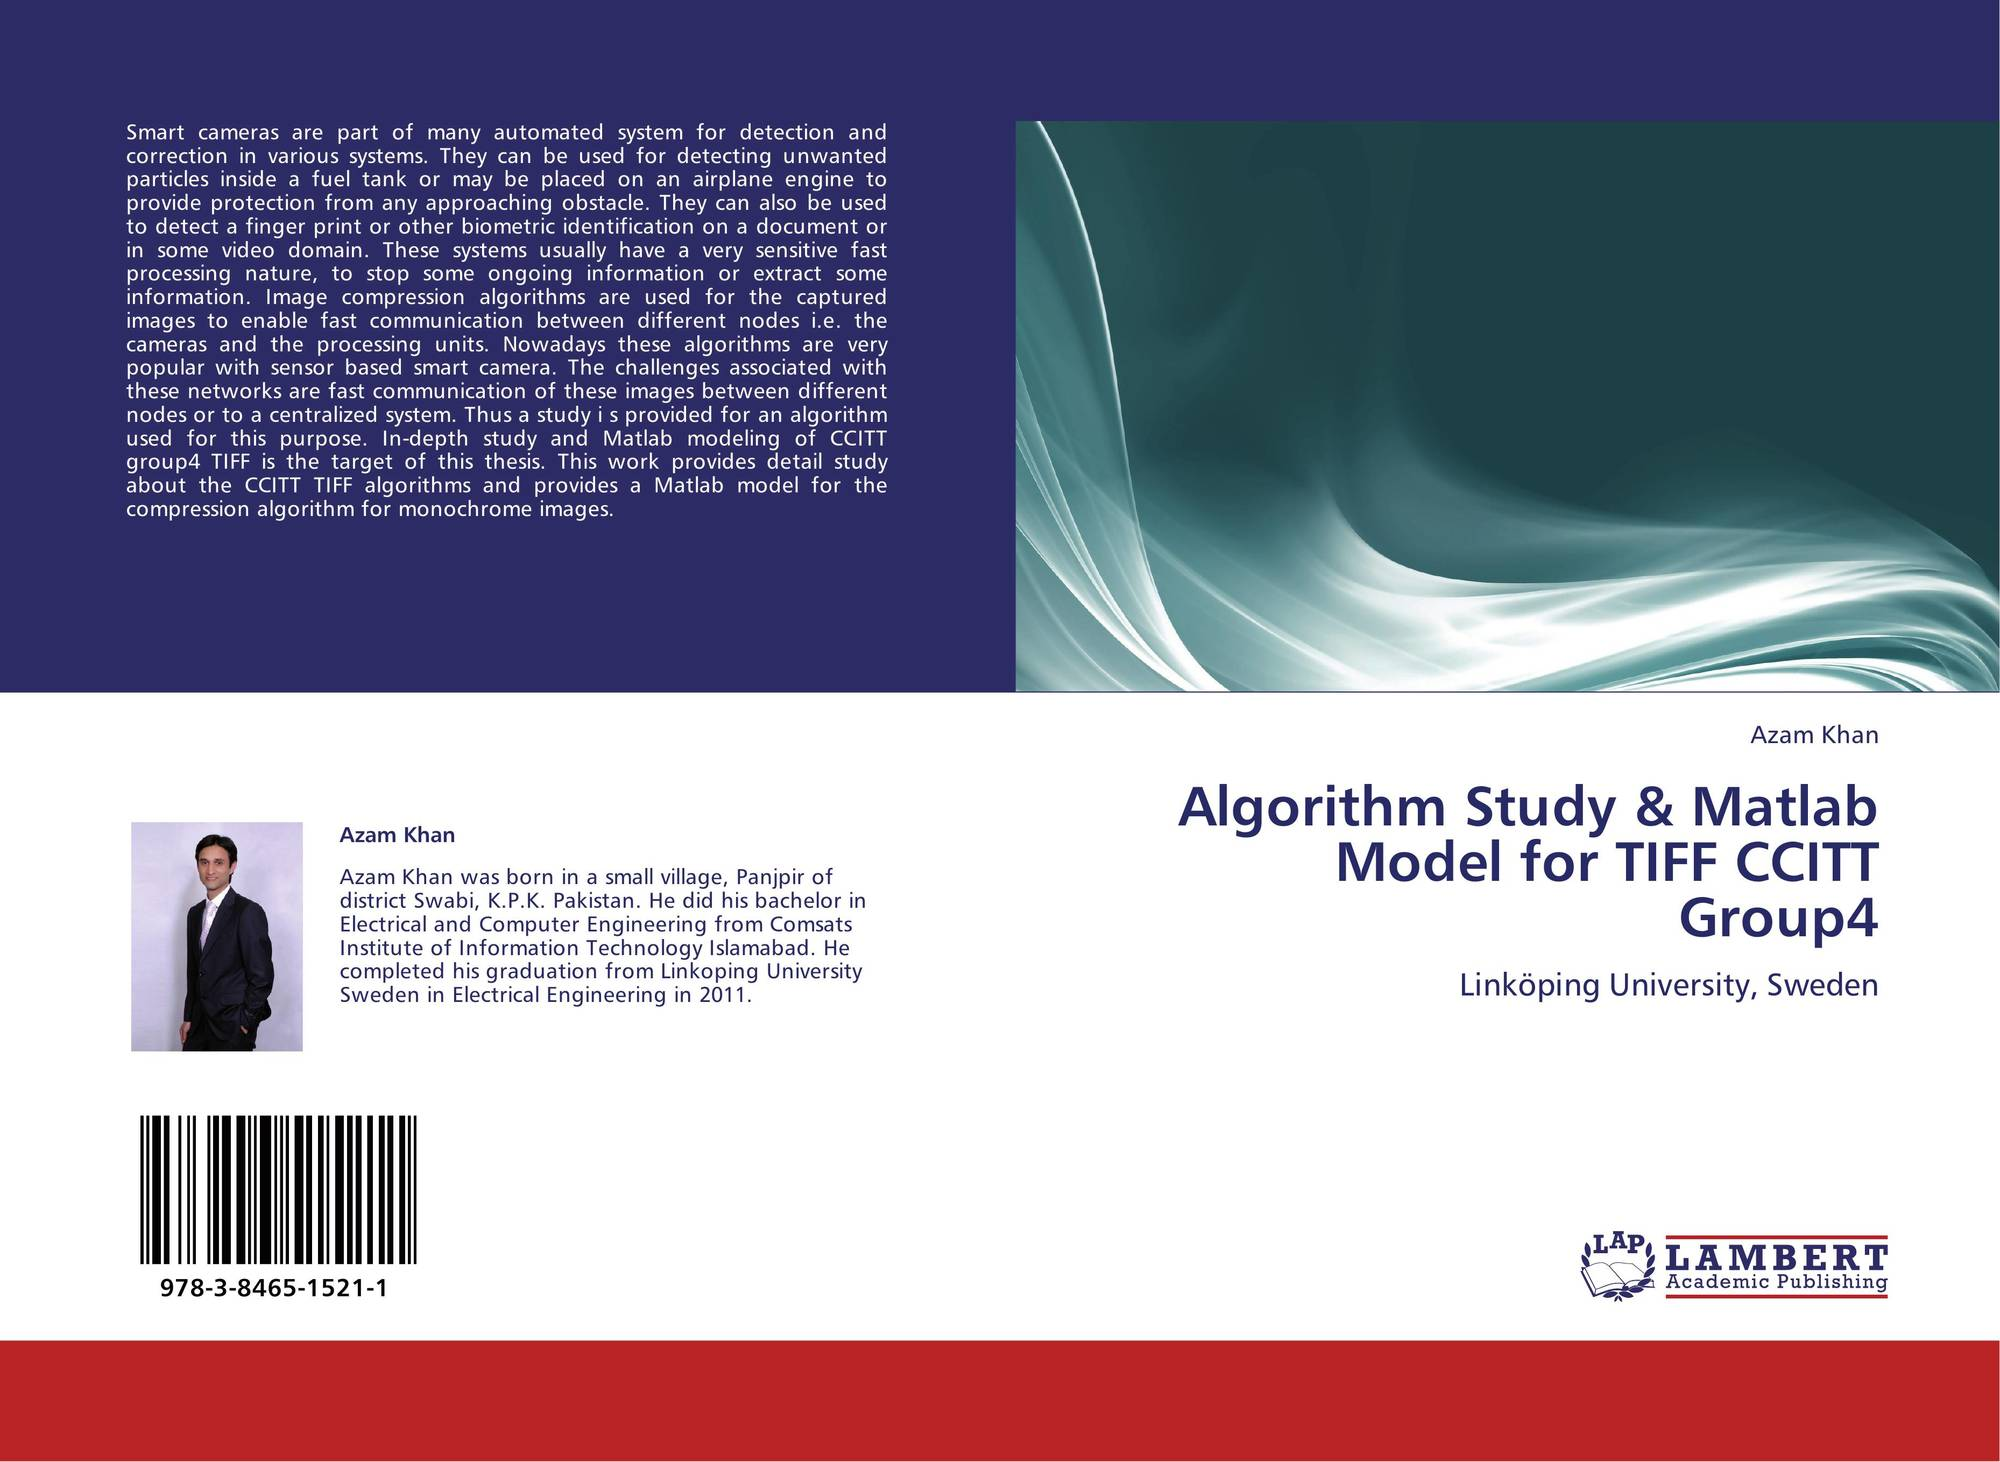 Algorithms Study Group Ece-Ntua - Home | Facebook